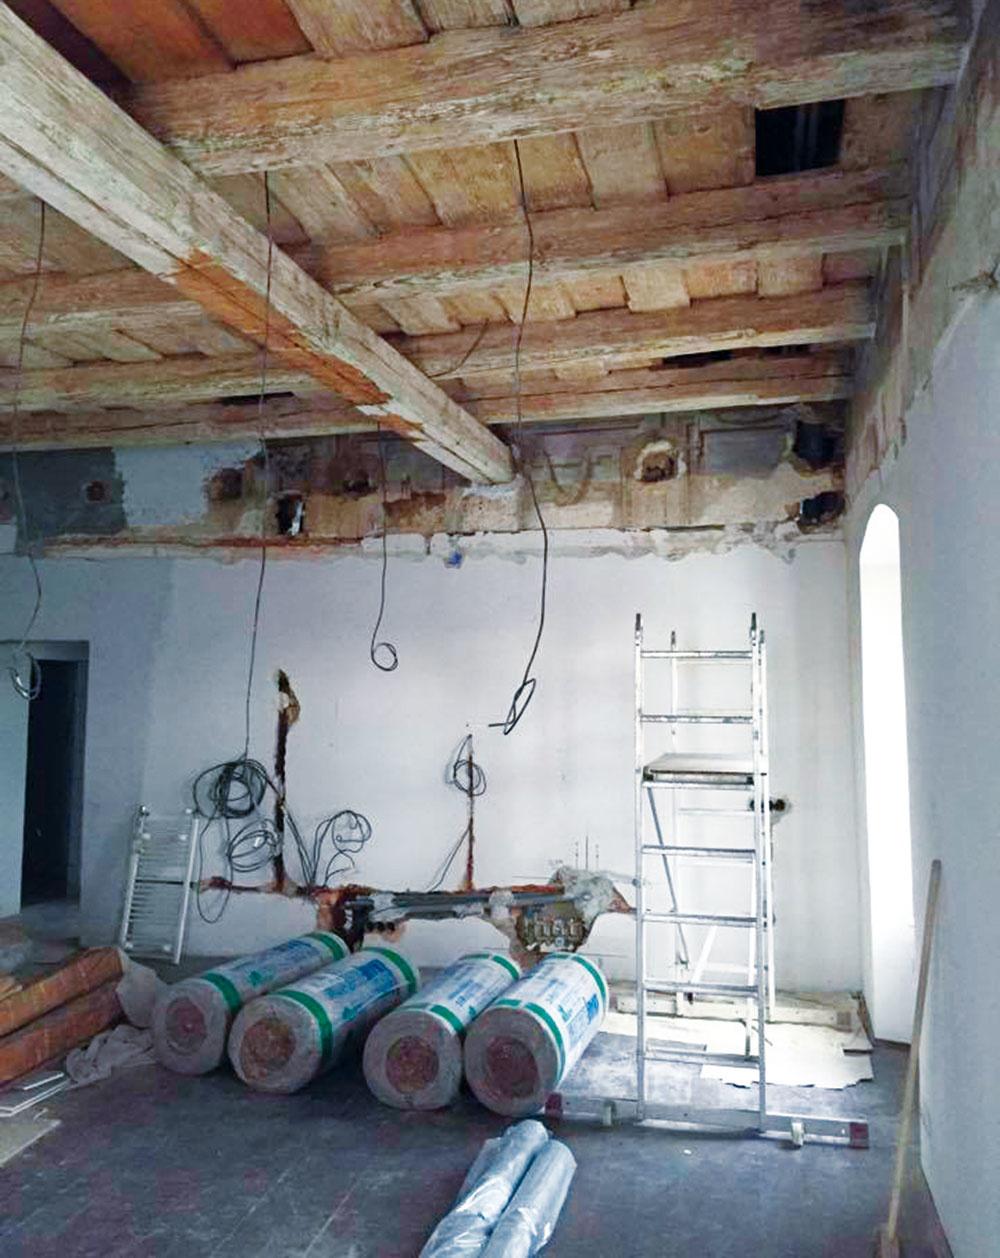 Počas stavby. Rekonštrukcia interiéru trvala približne rok. Dispozícia spracovaná developerom vyhovovala predstavám oboch strán, a tak ju architekti nemenili. Najviac času a práce si vyžiadala obnova pôvodného dreveného stropu a fresiek.